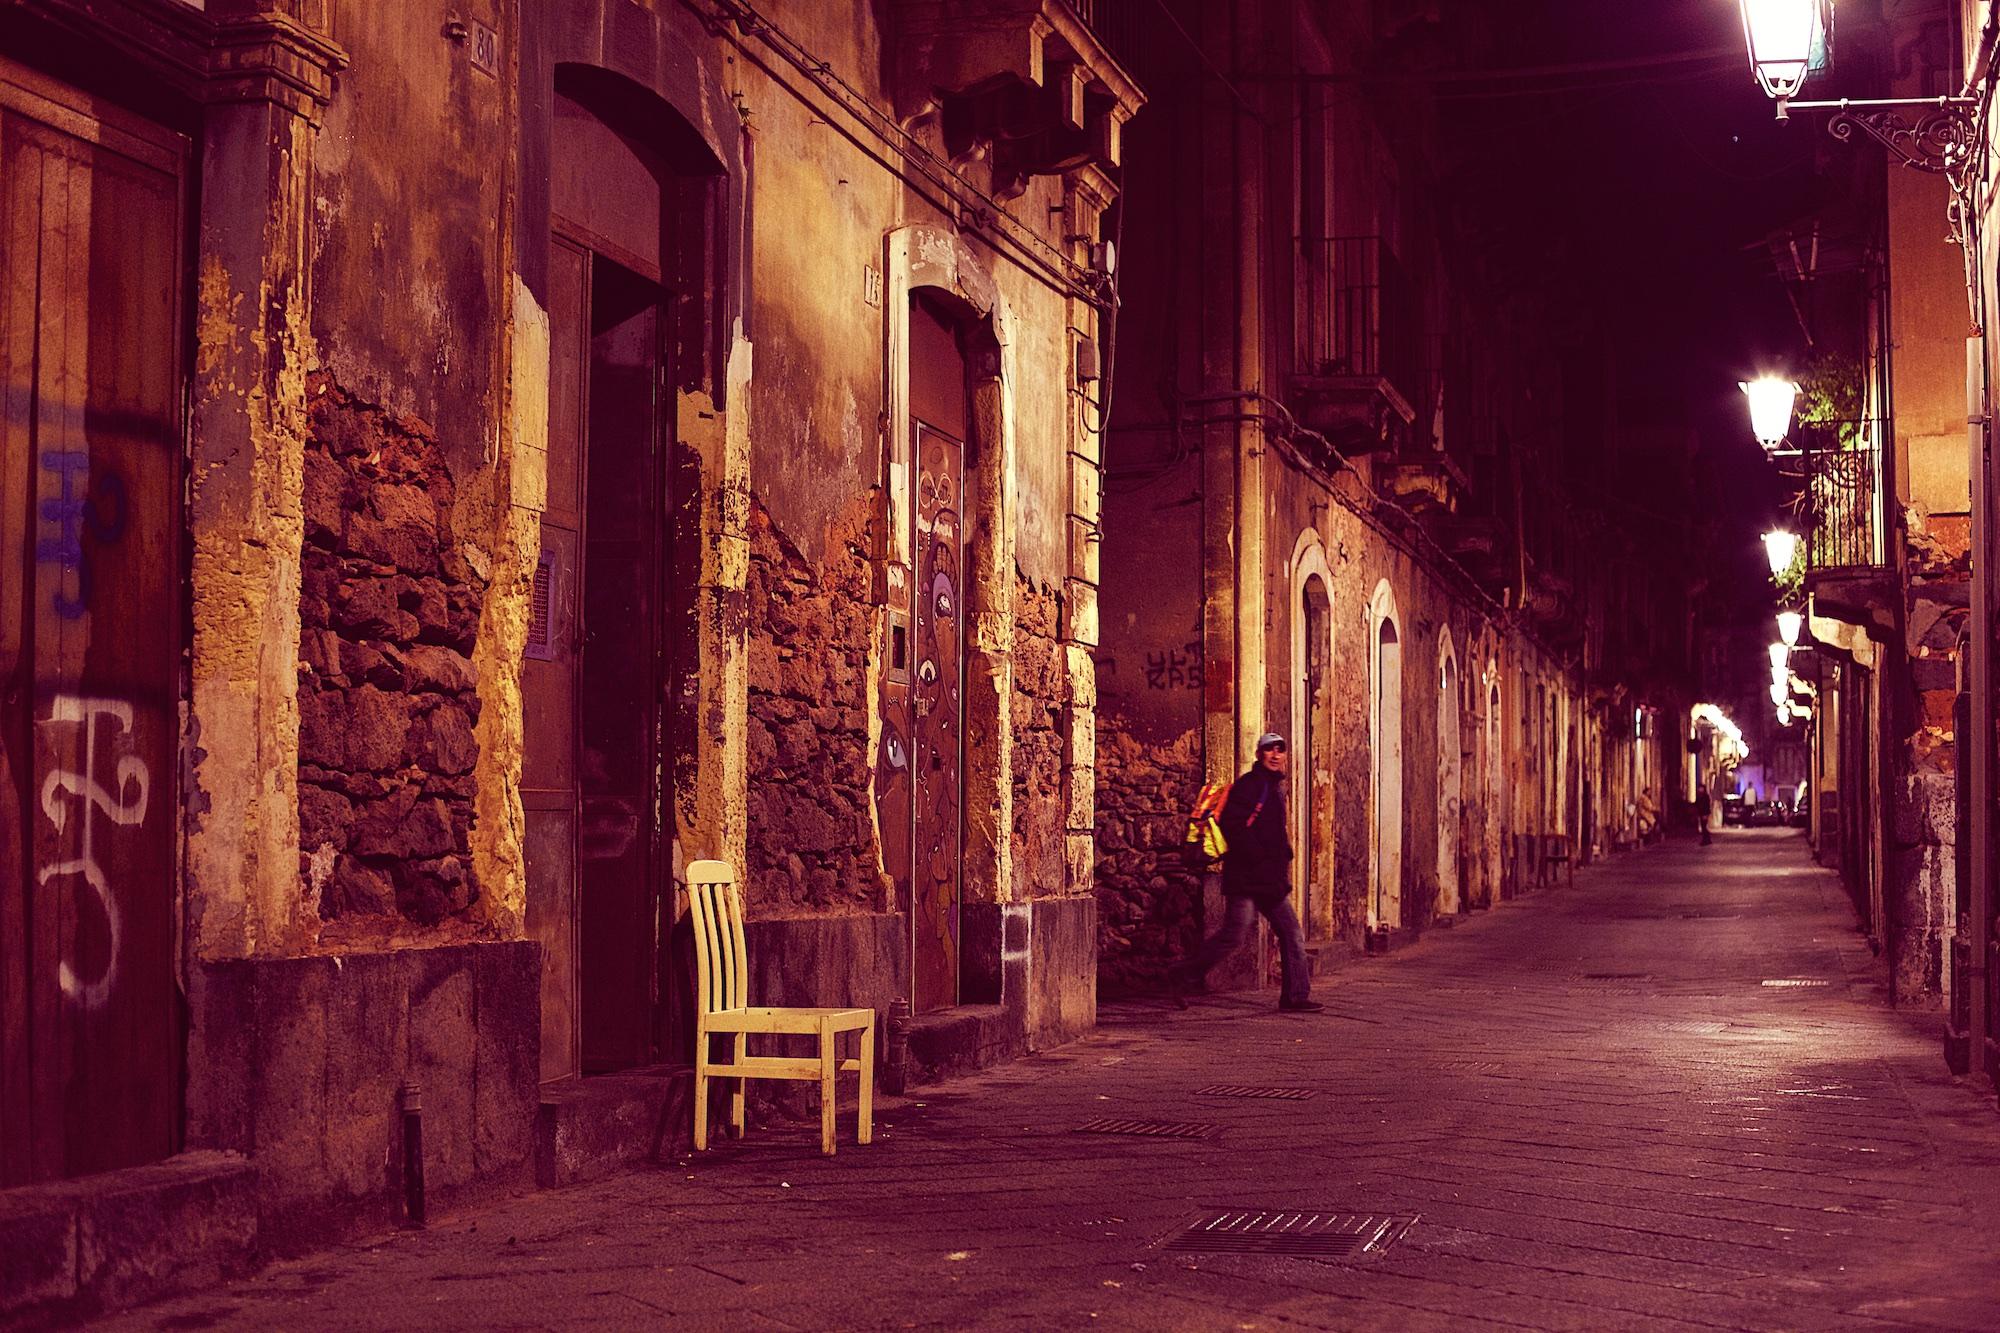 The Streets of San Berillo Vecchio